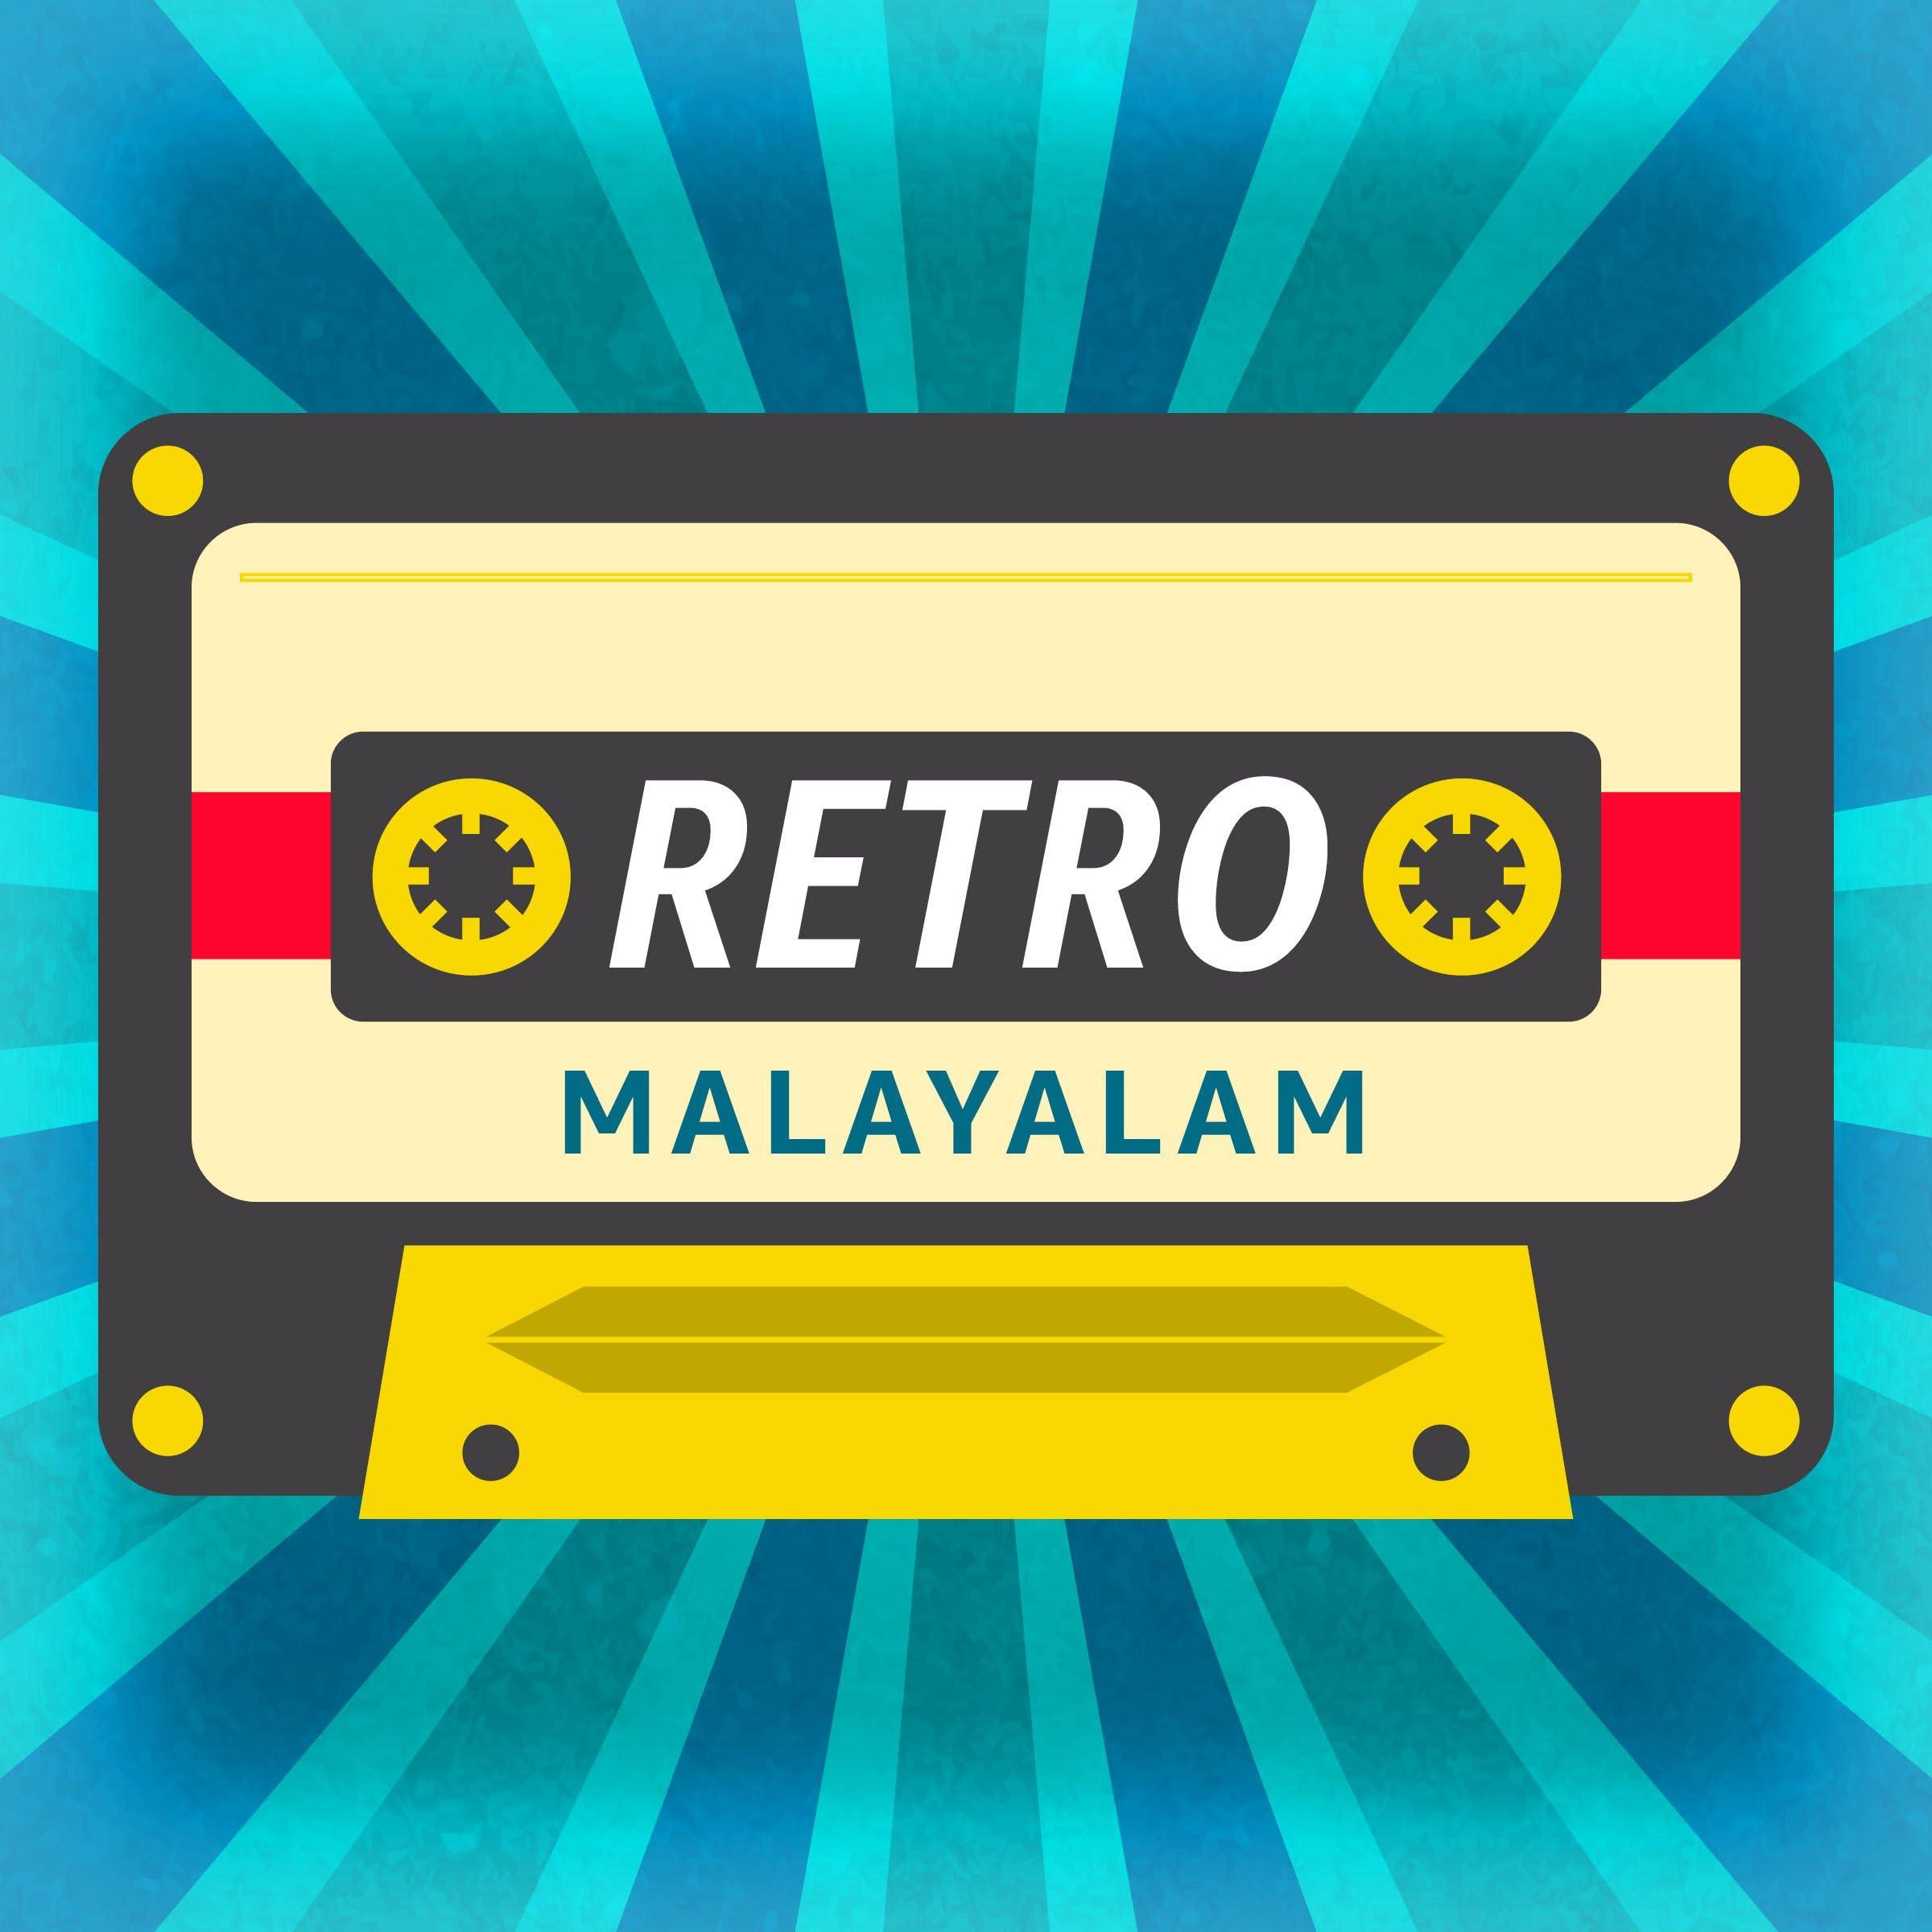 Retro Malayalam